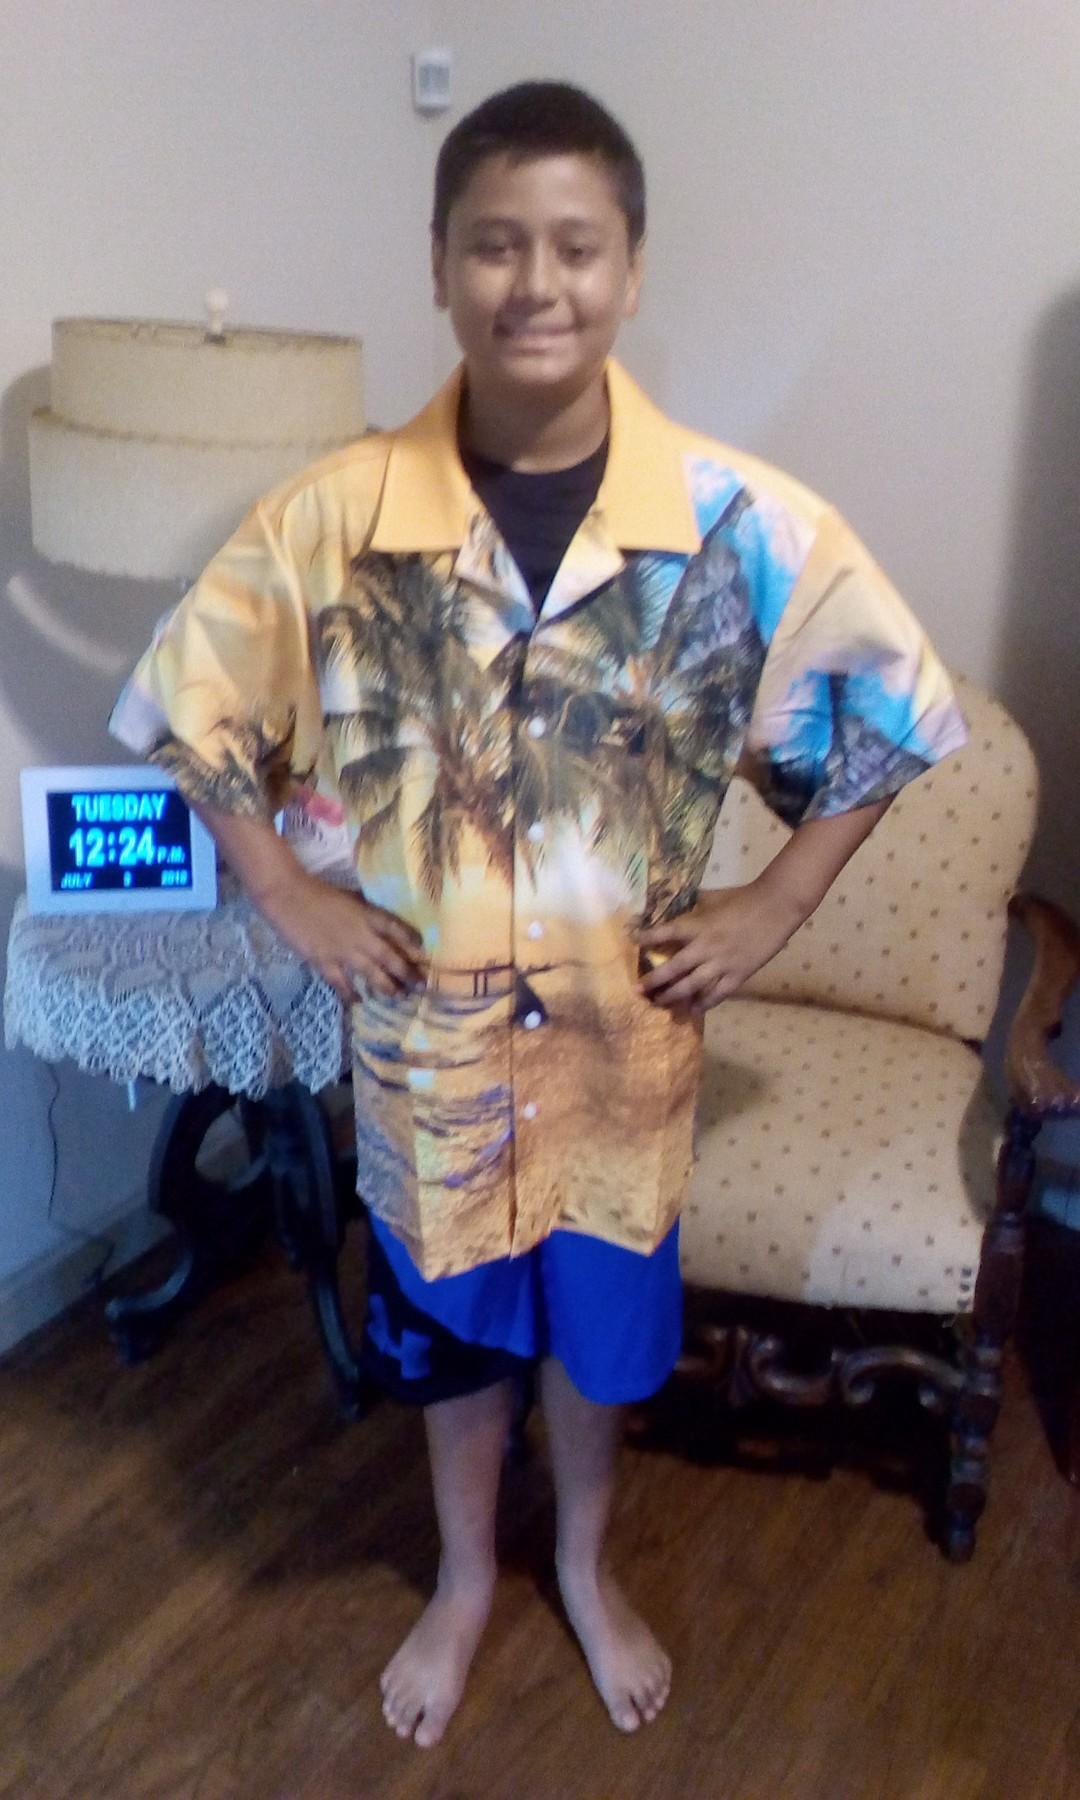 Very nice Hawaiian shirt